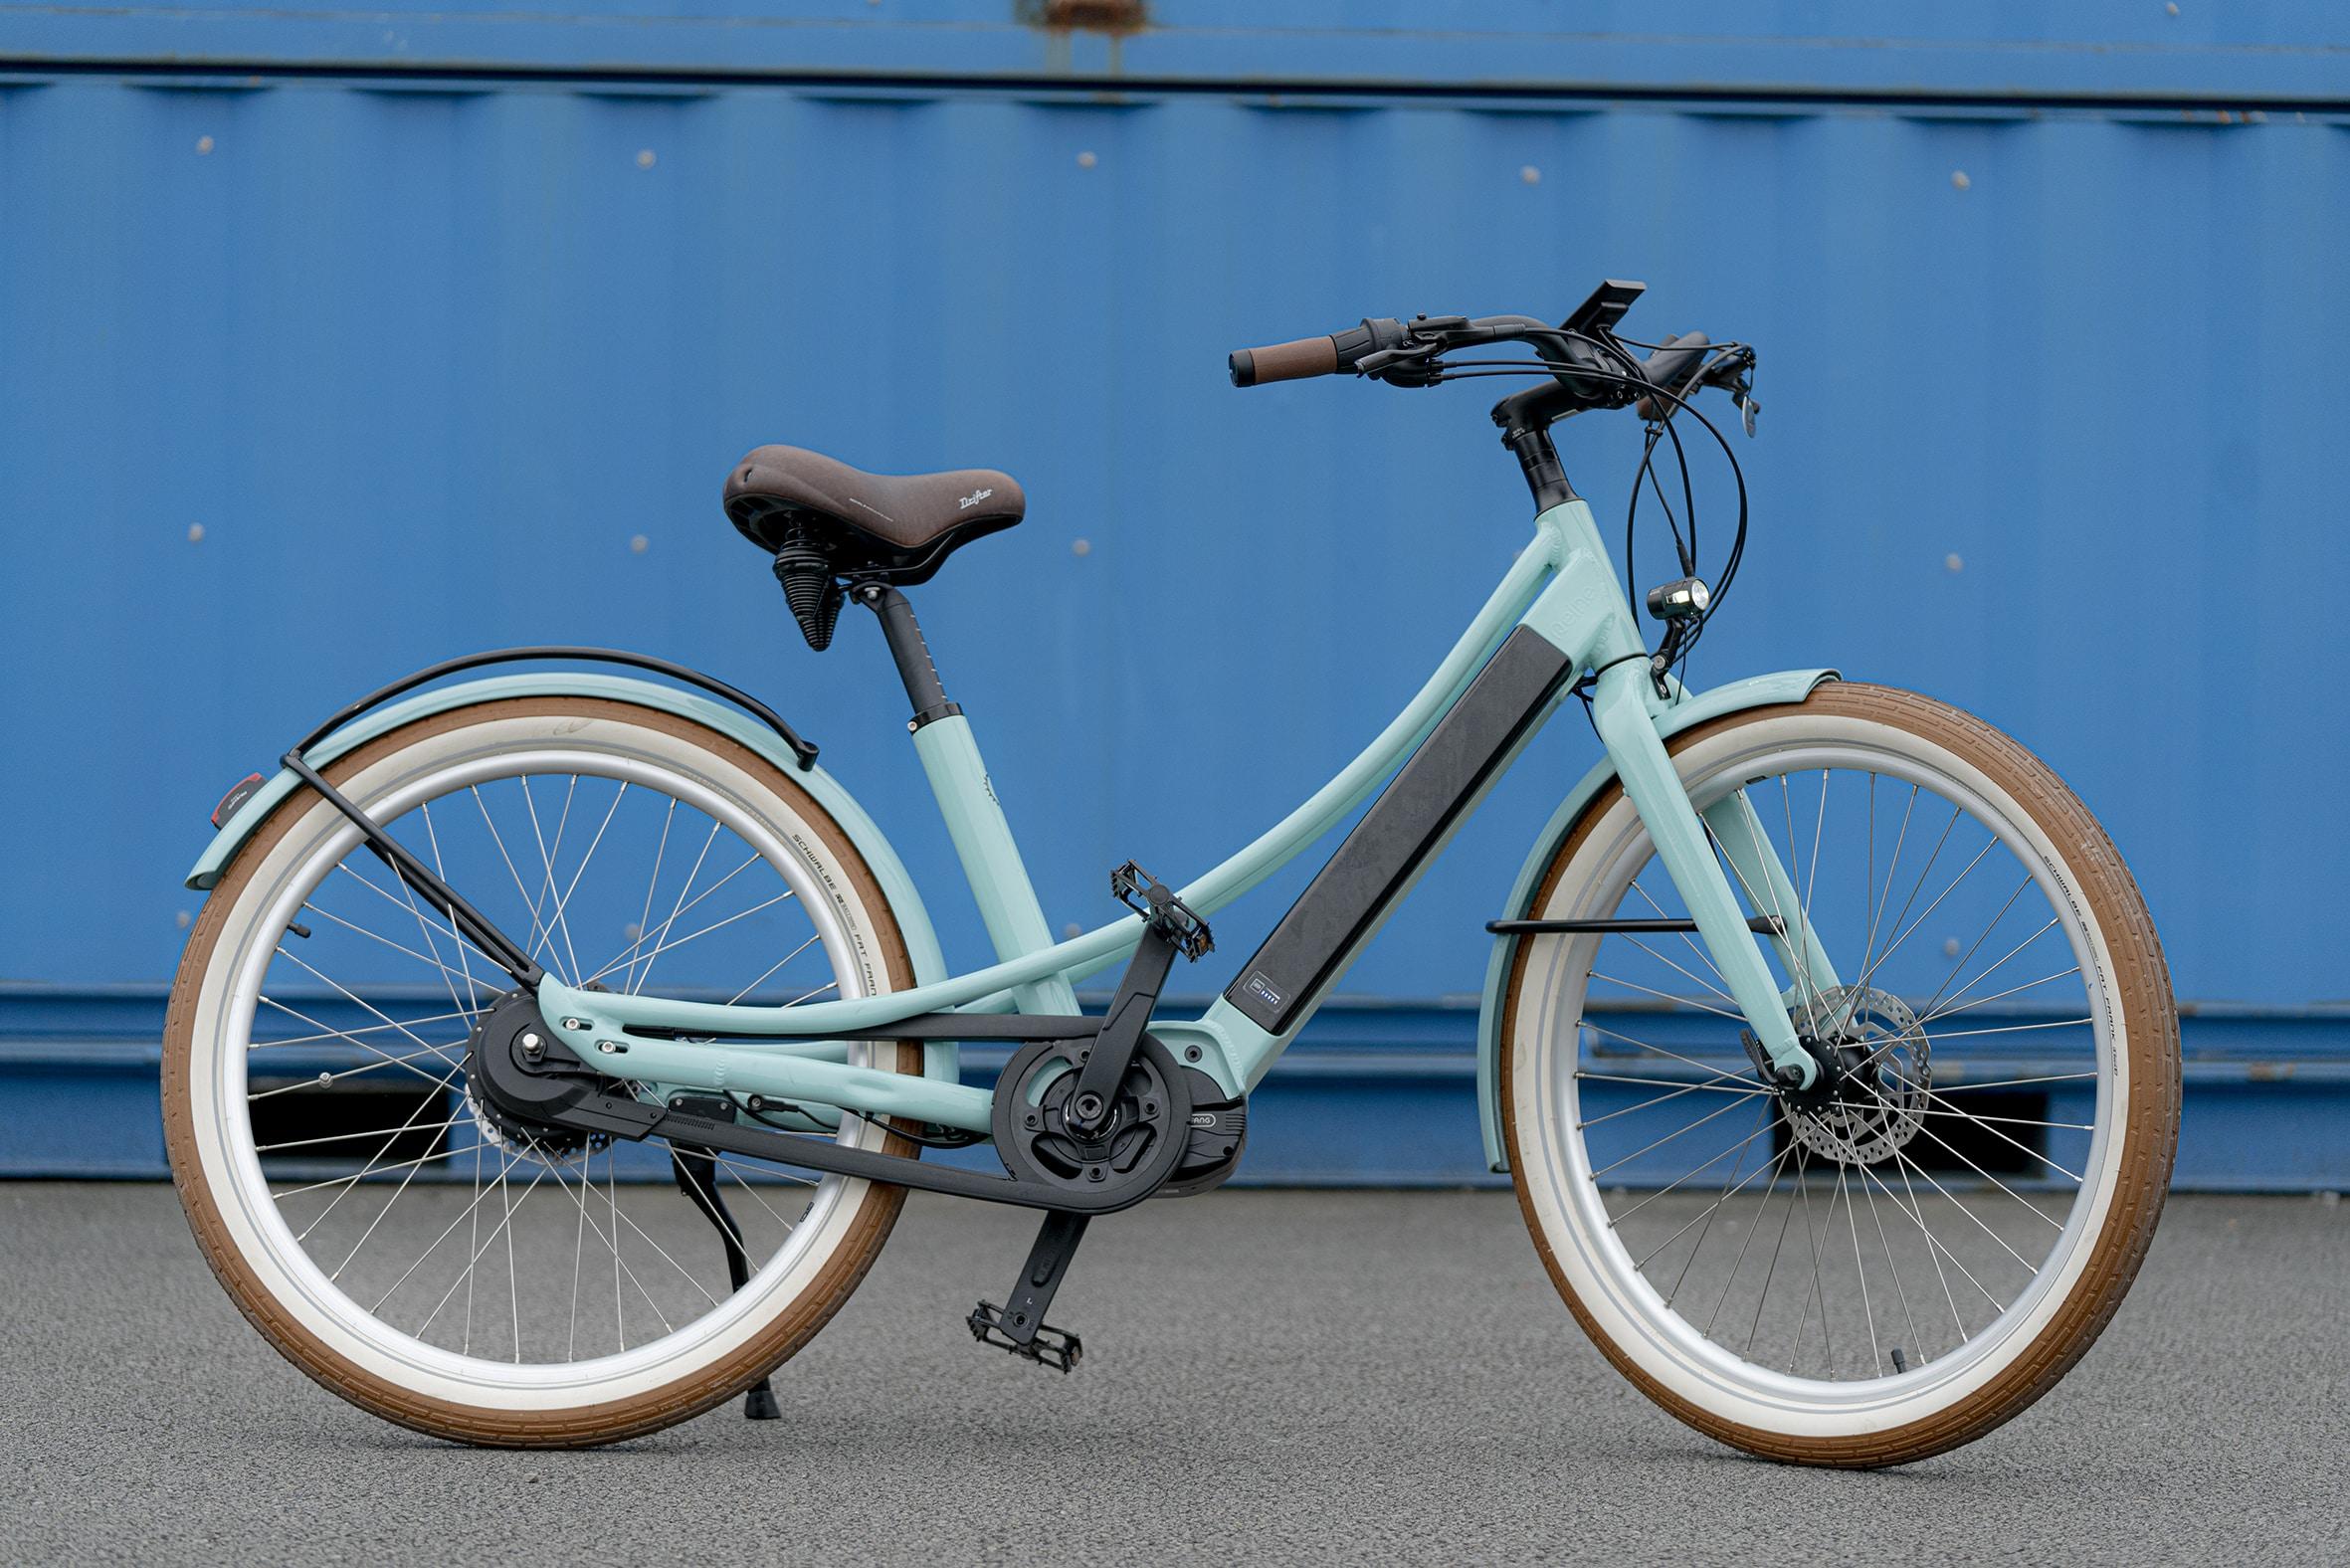 coloris bleu clair pour ce celo au style neo-rétro de la marque française haut de gamme Reinebike